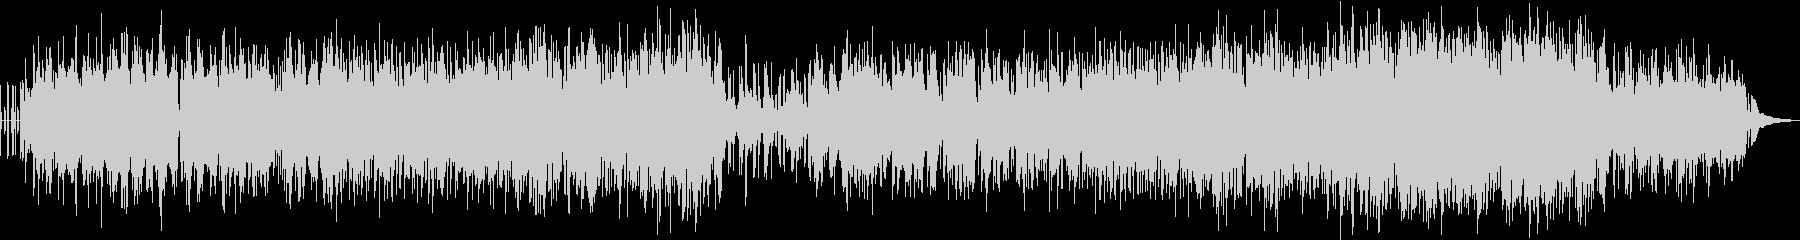 切ない雰囲気のエレクトロピアノポップの未再生の波形